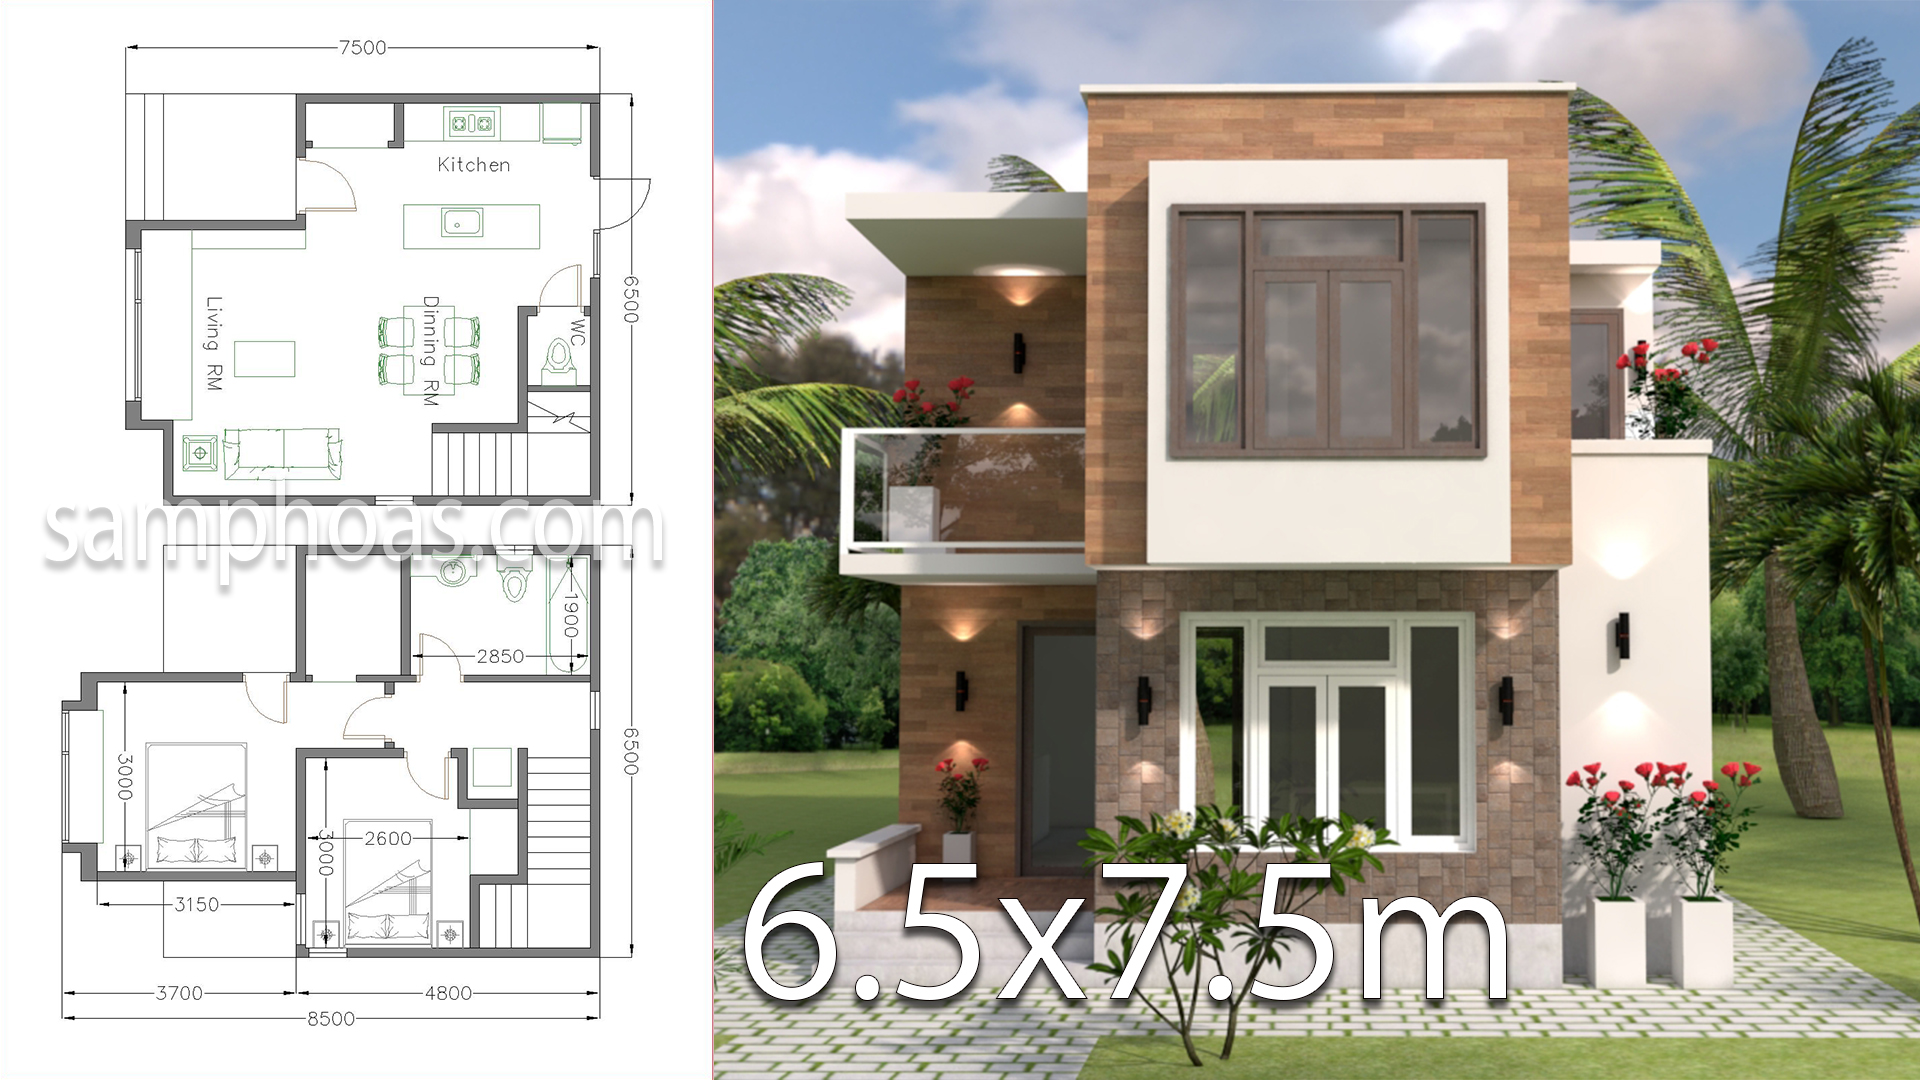 Small House Design With Full Plan 6 5x7 5m Samphoas Com